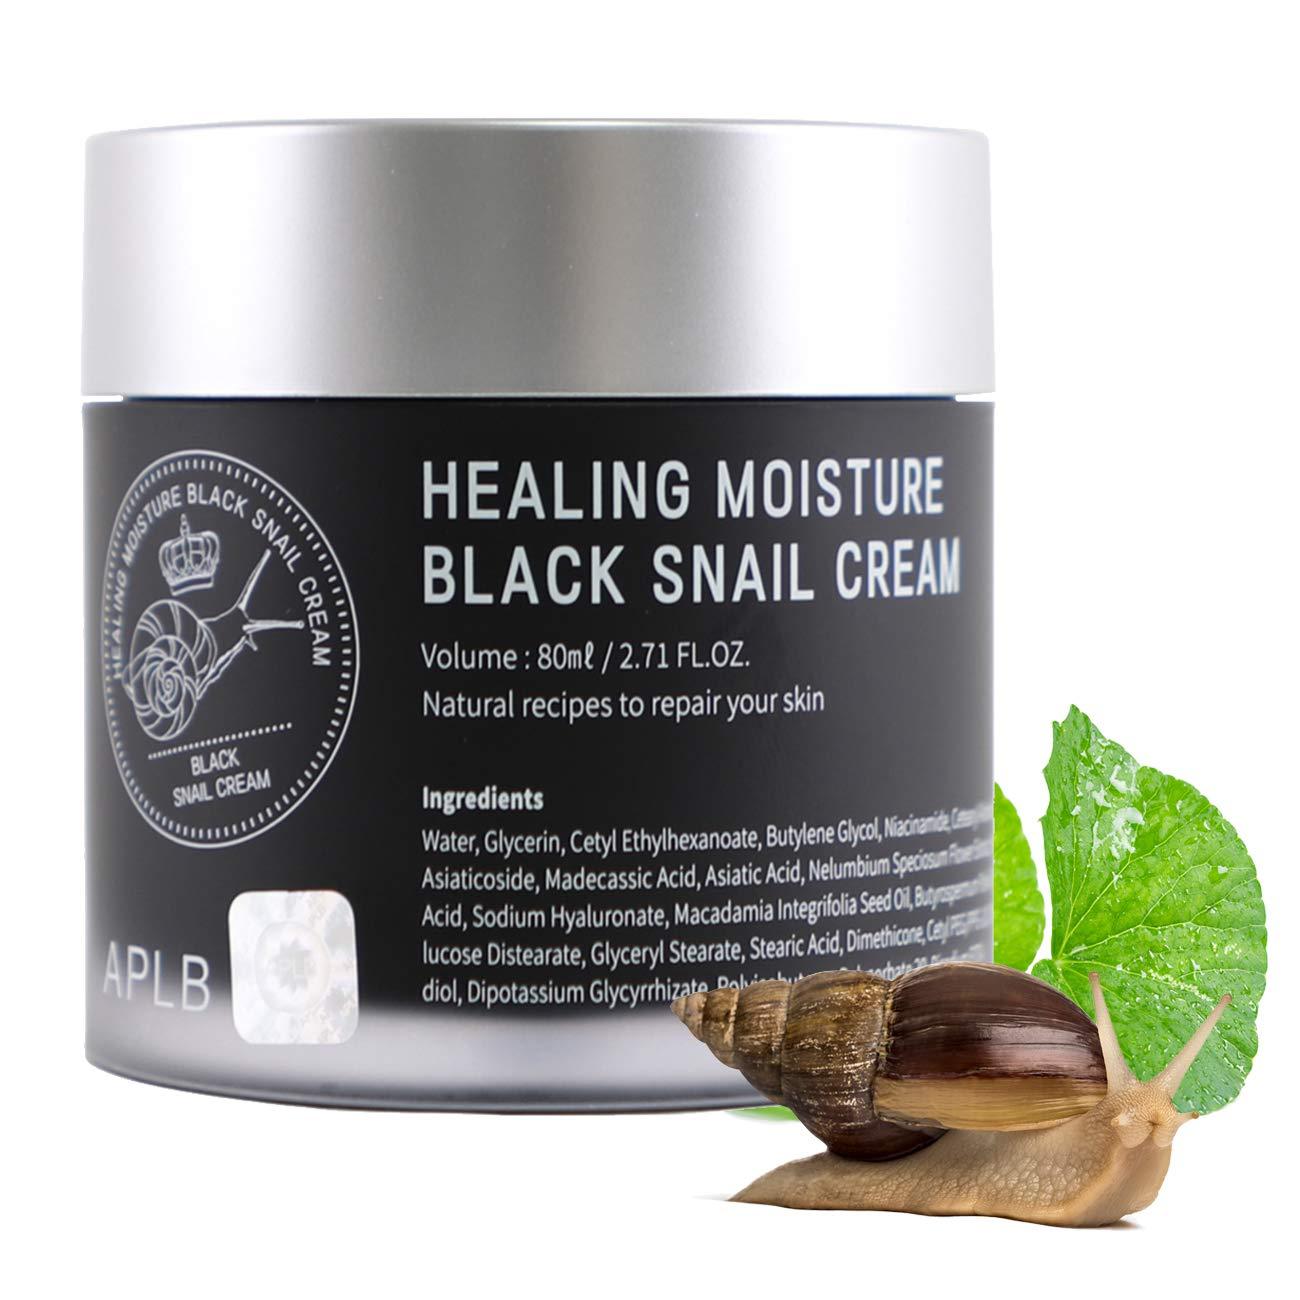 Surprise price Gorgeous APLB Healing Black Snail Cream Korean Moisturizer 2.71FL.OZ. S